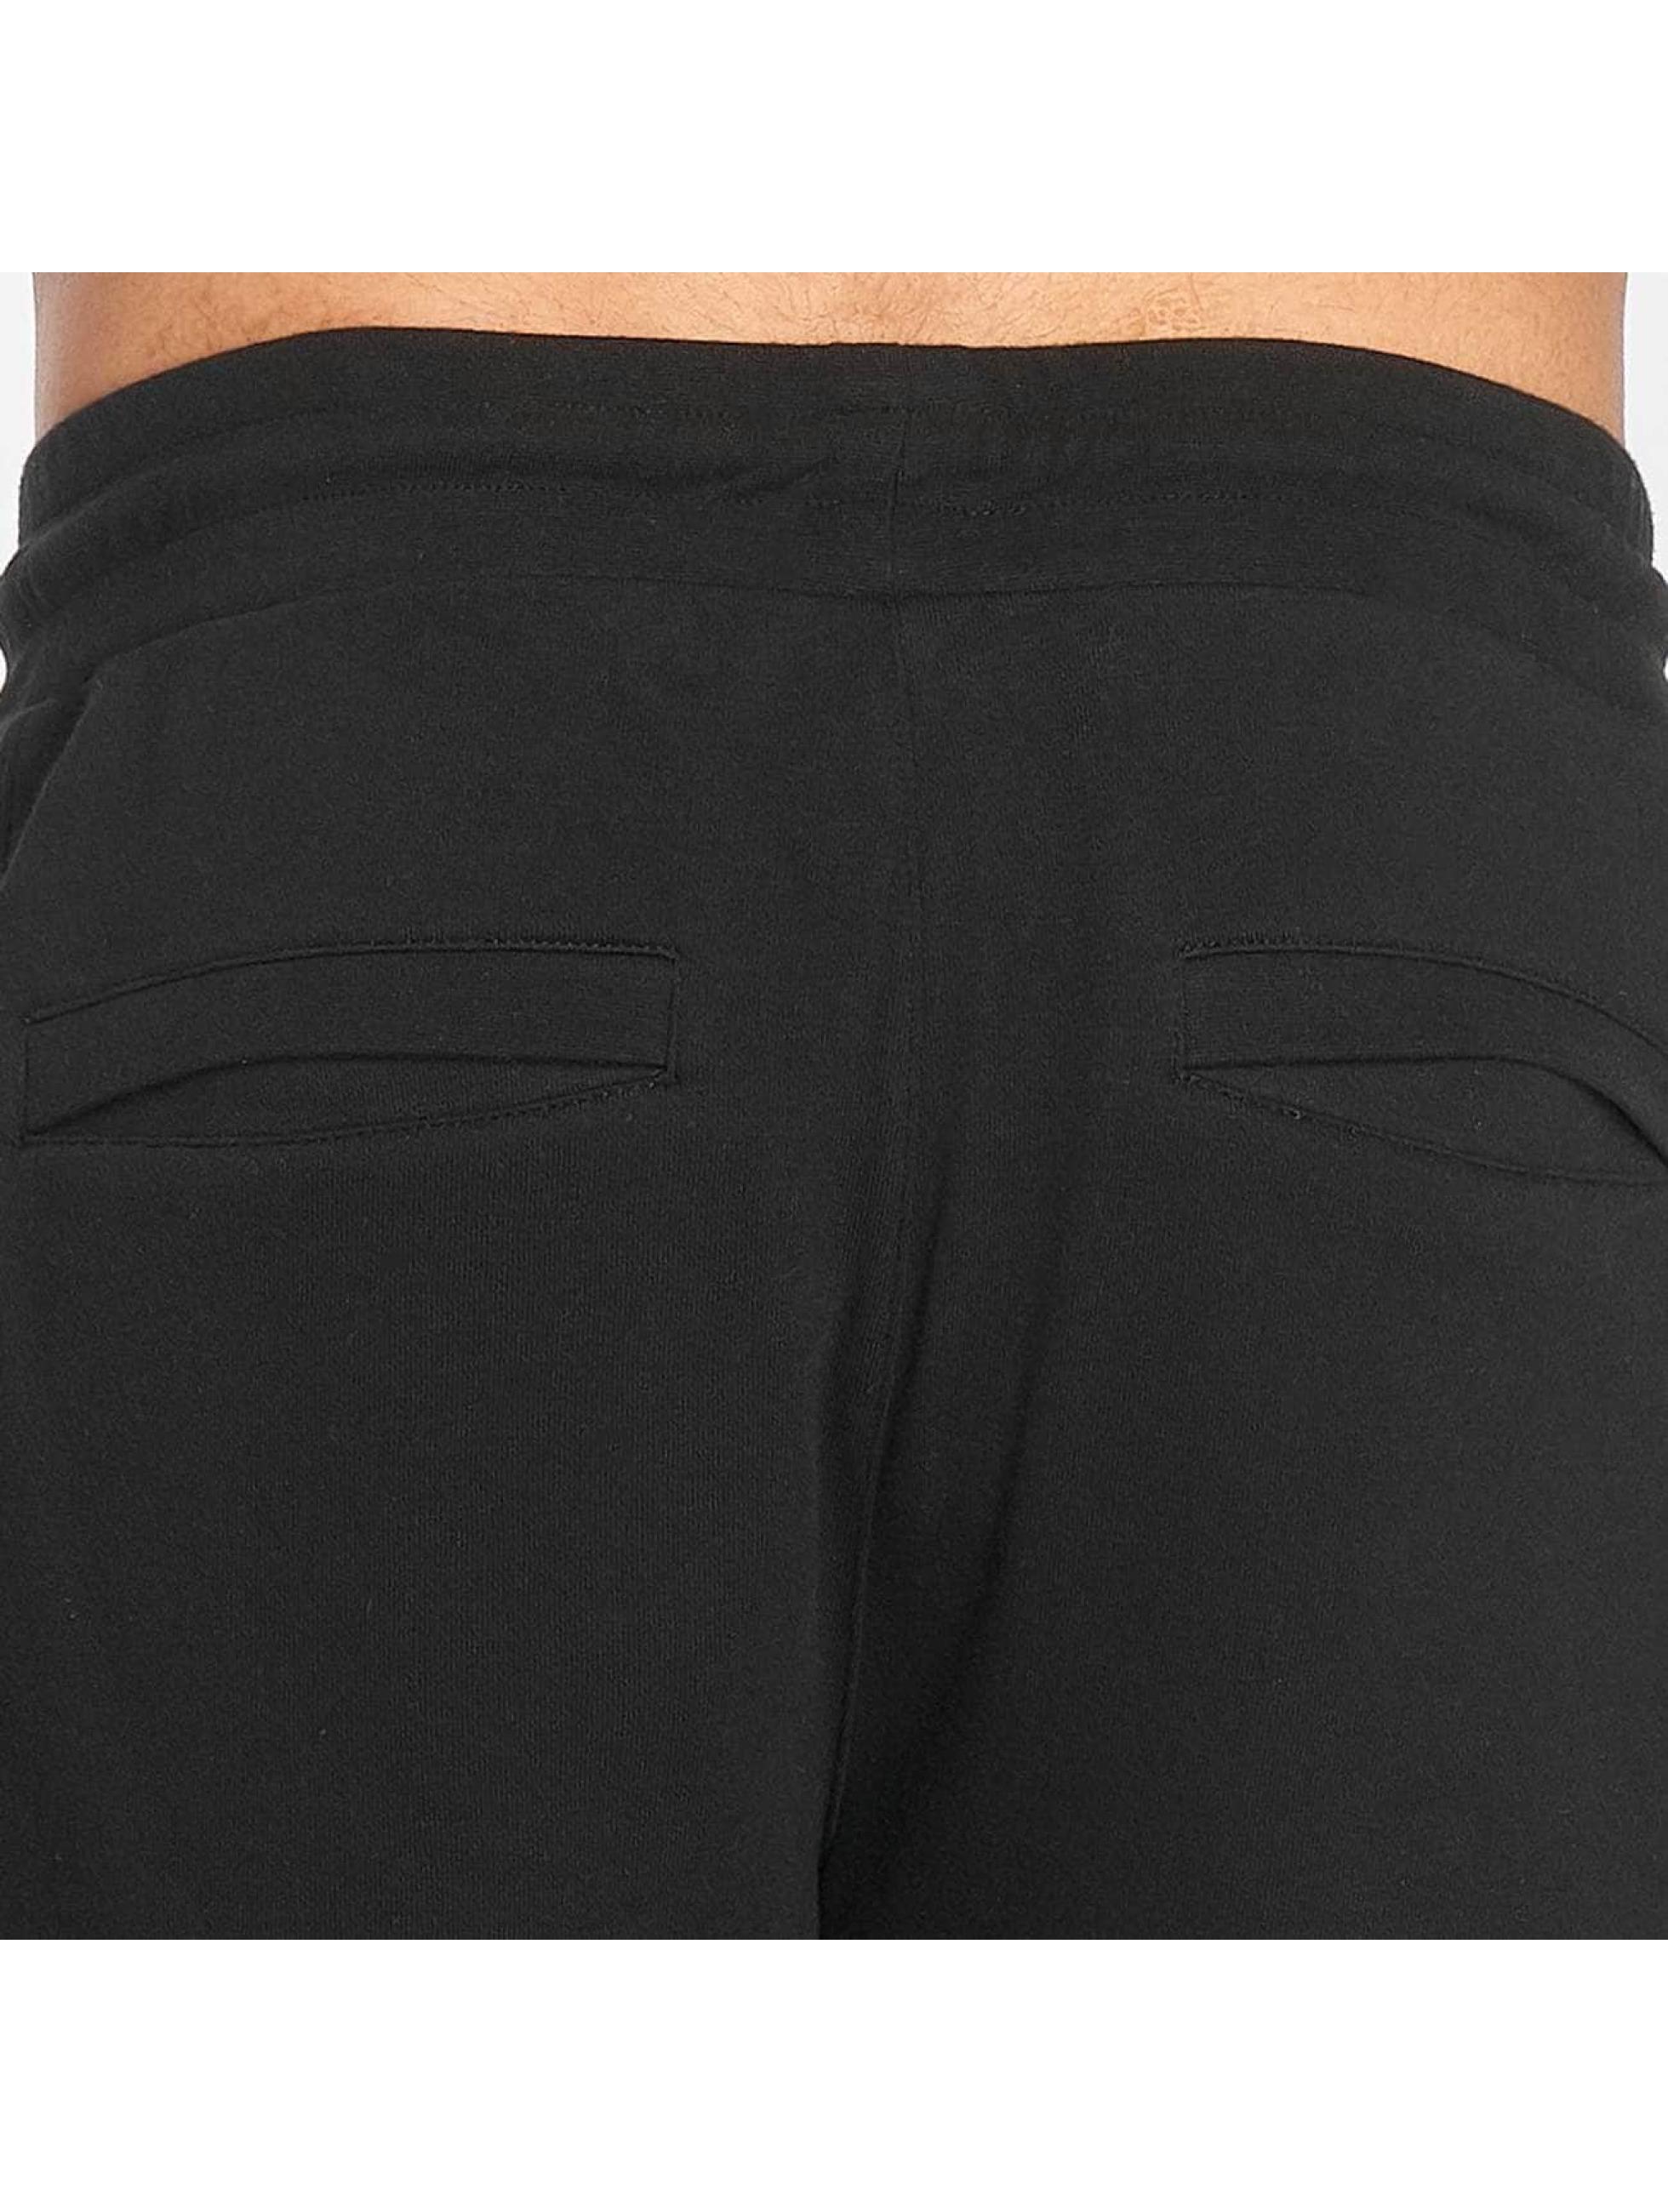 Bench Shorts Rolled Seam schwarz